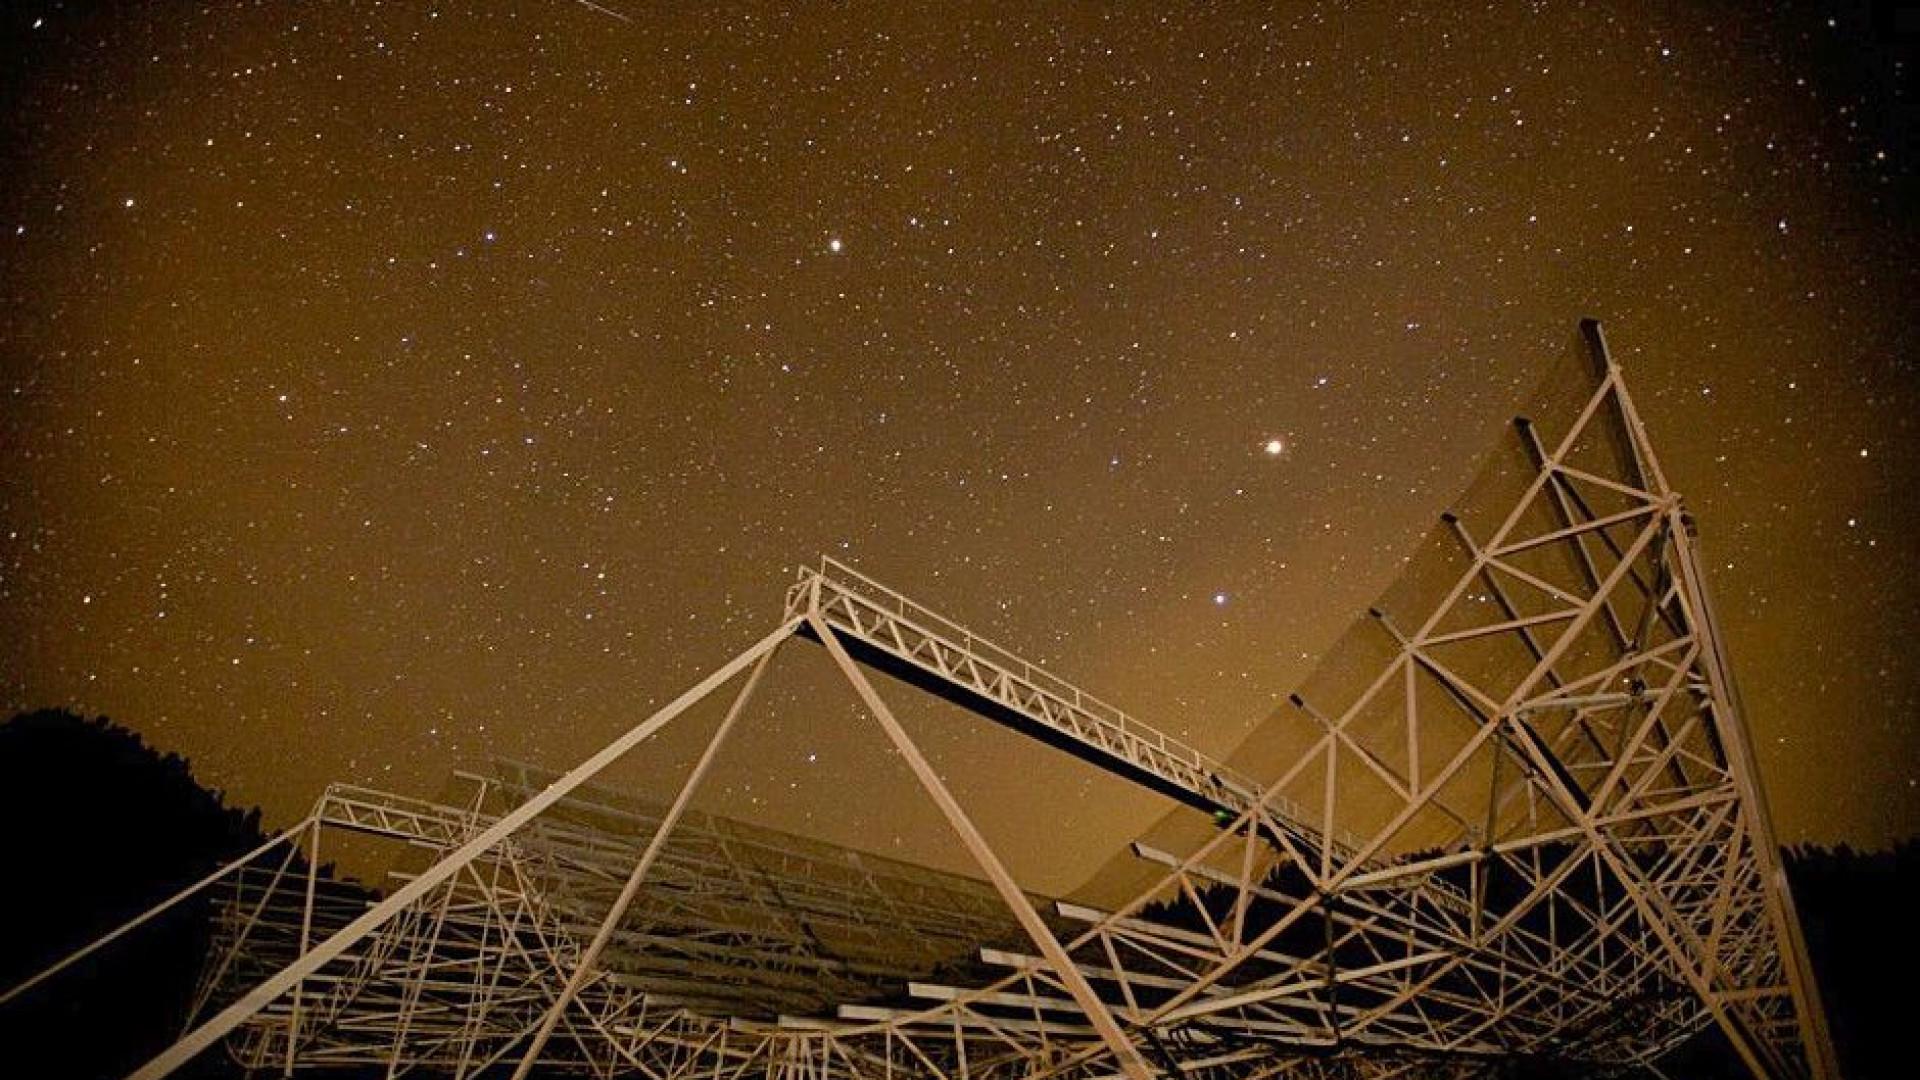 Foram detetados sinais de rádio de uma galáxia a 1,5 biliões de anos-luz